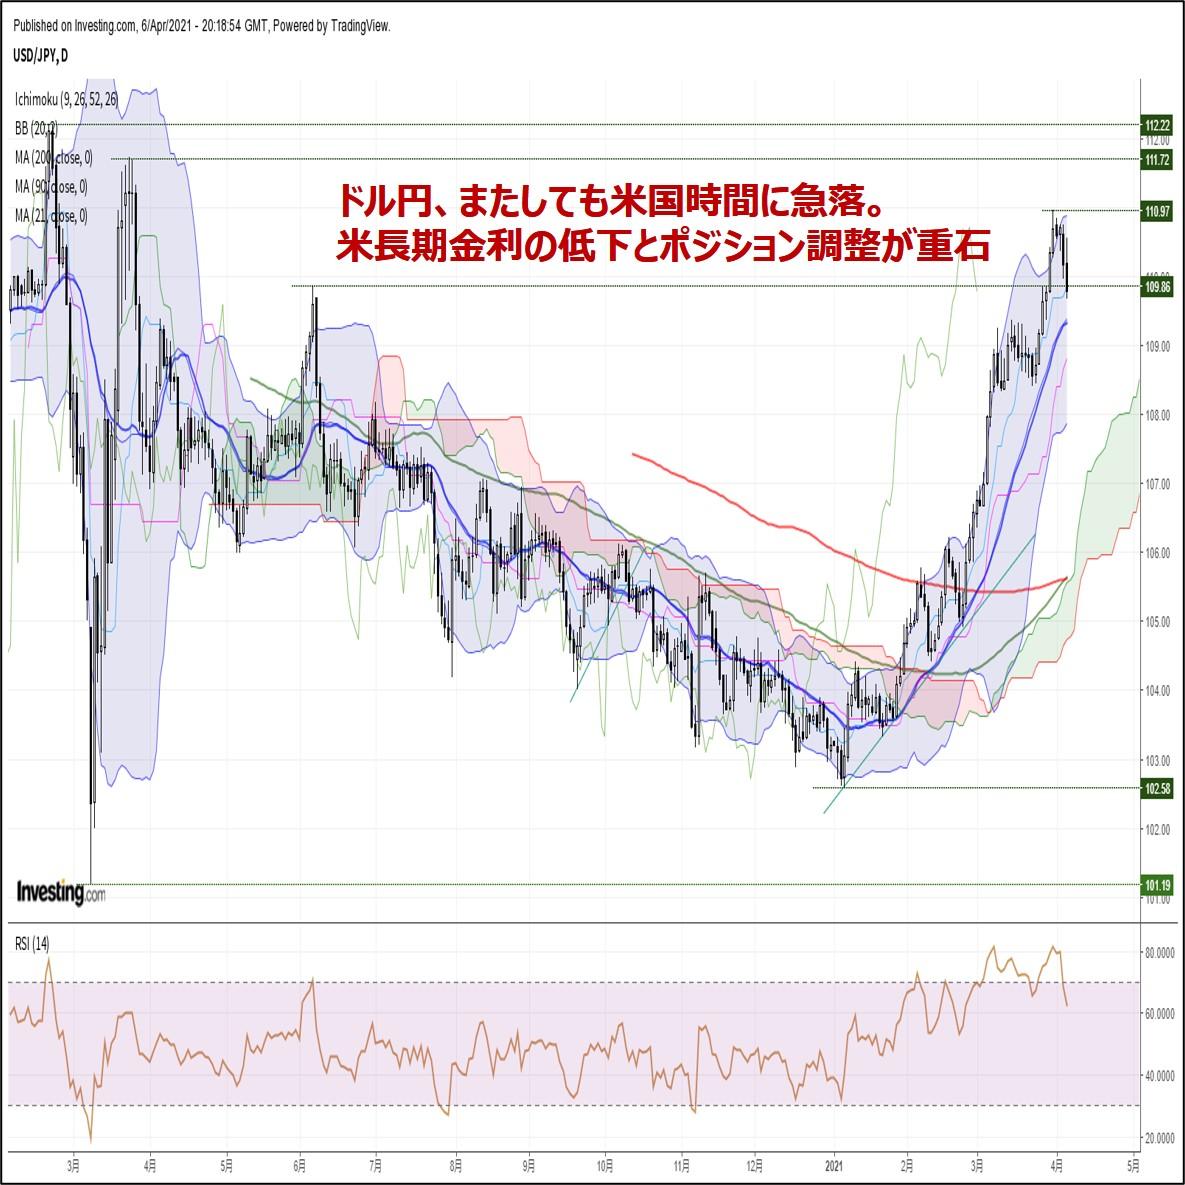 ドル円、またしても米国時間に急落。米長期金利の低下とポジション調整が重石